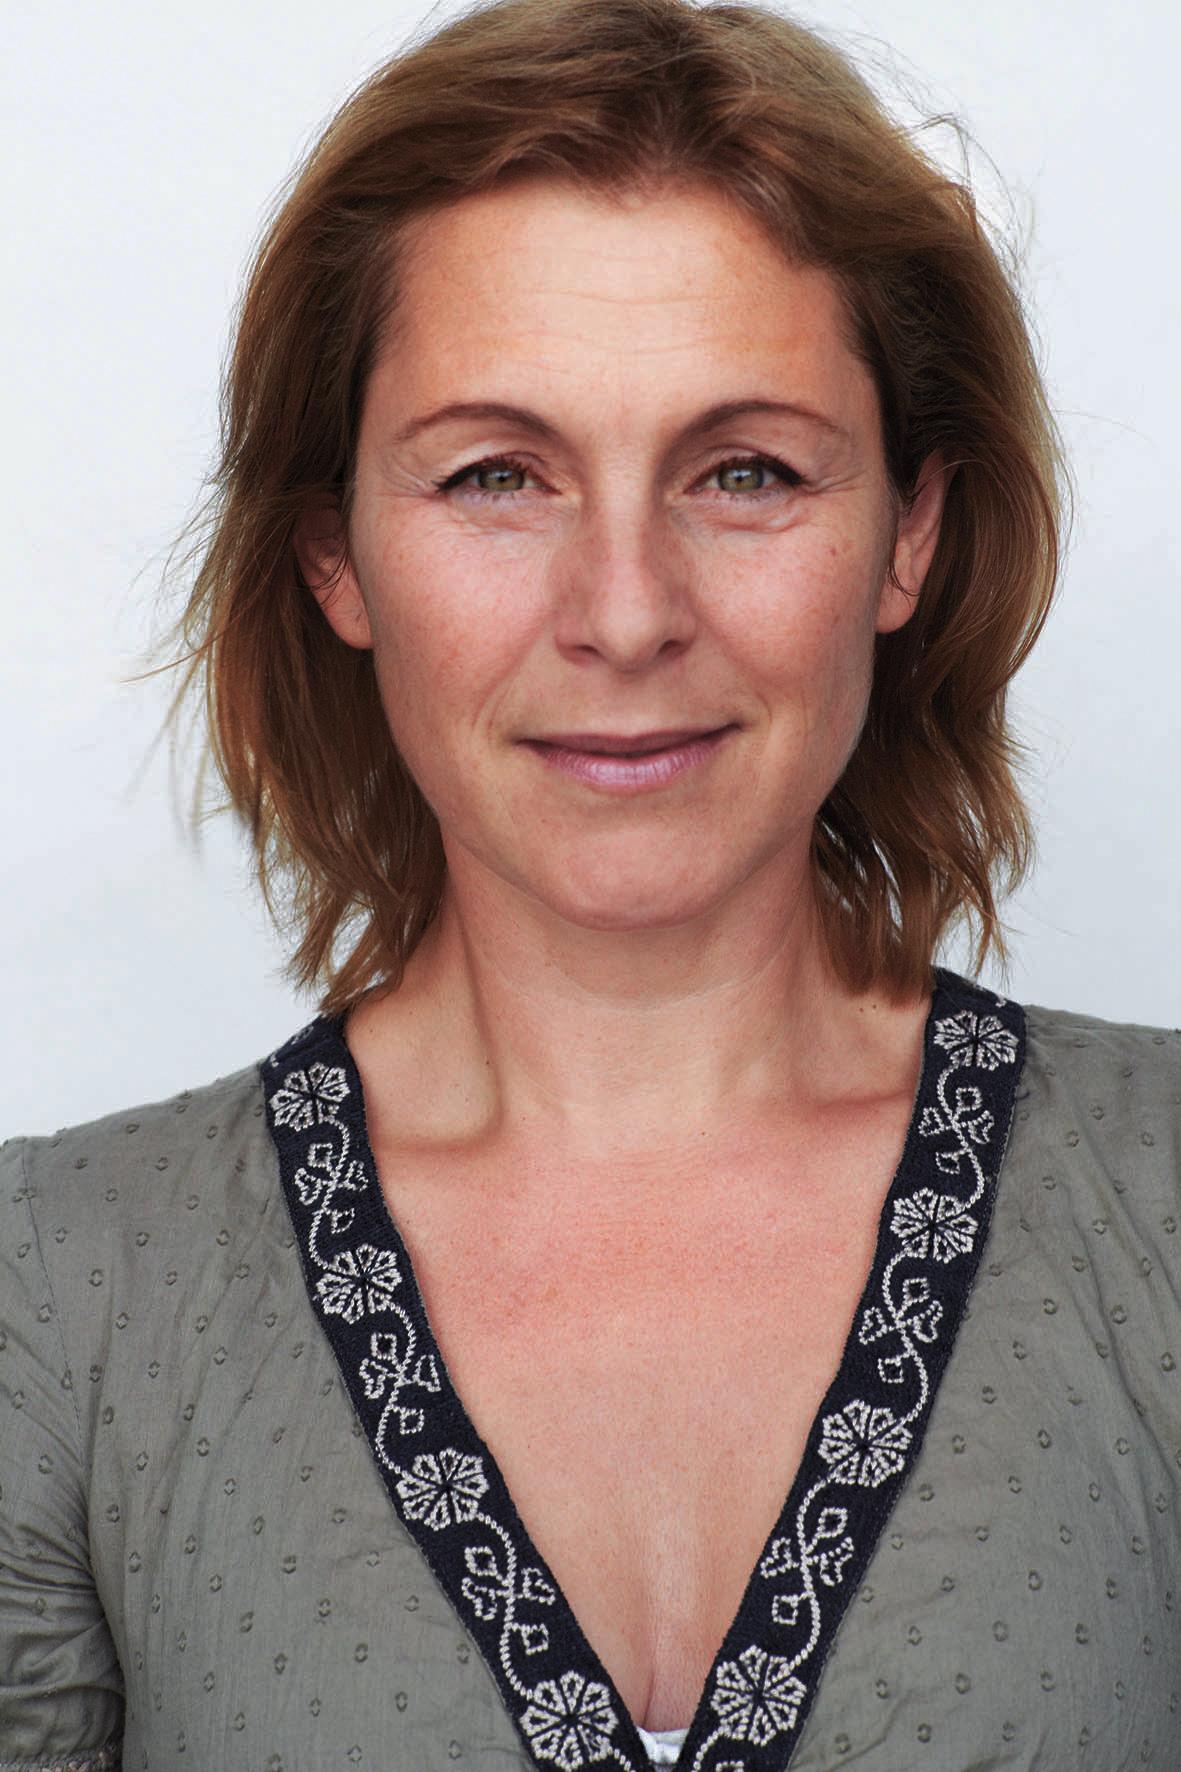 Helen Sjöholm – Wikipedia